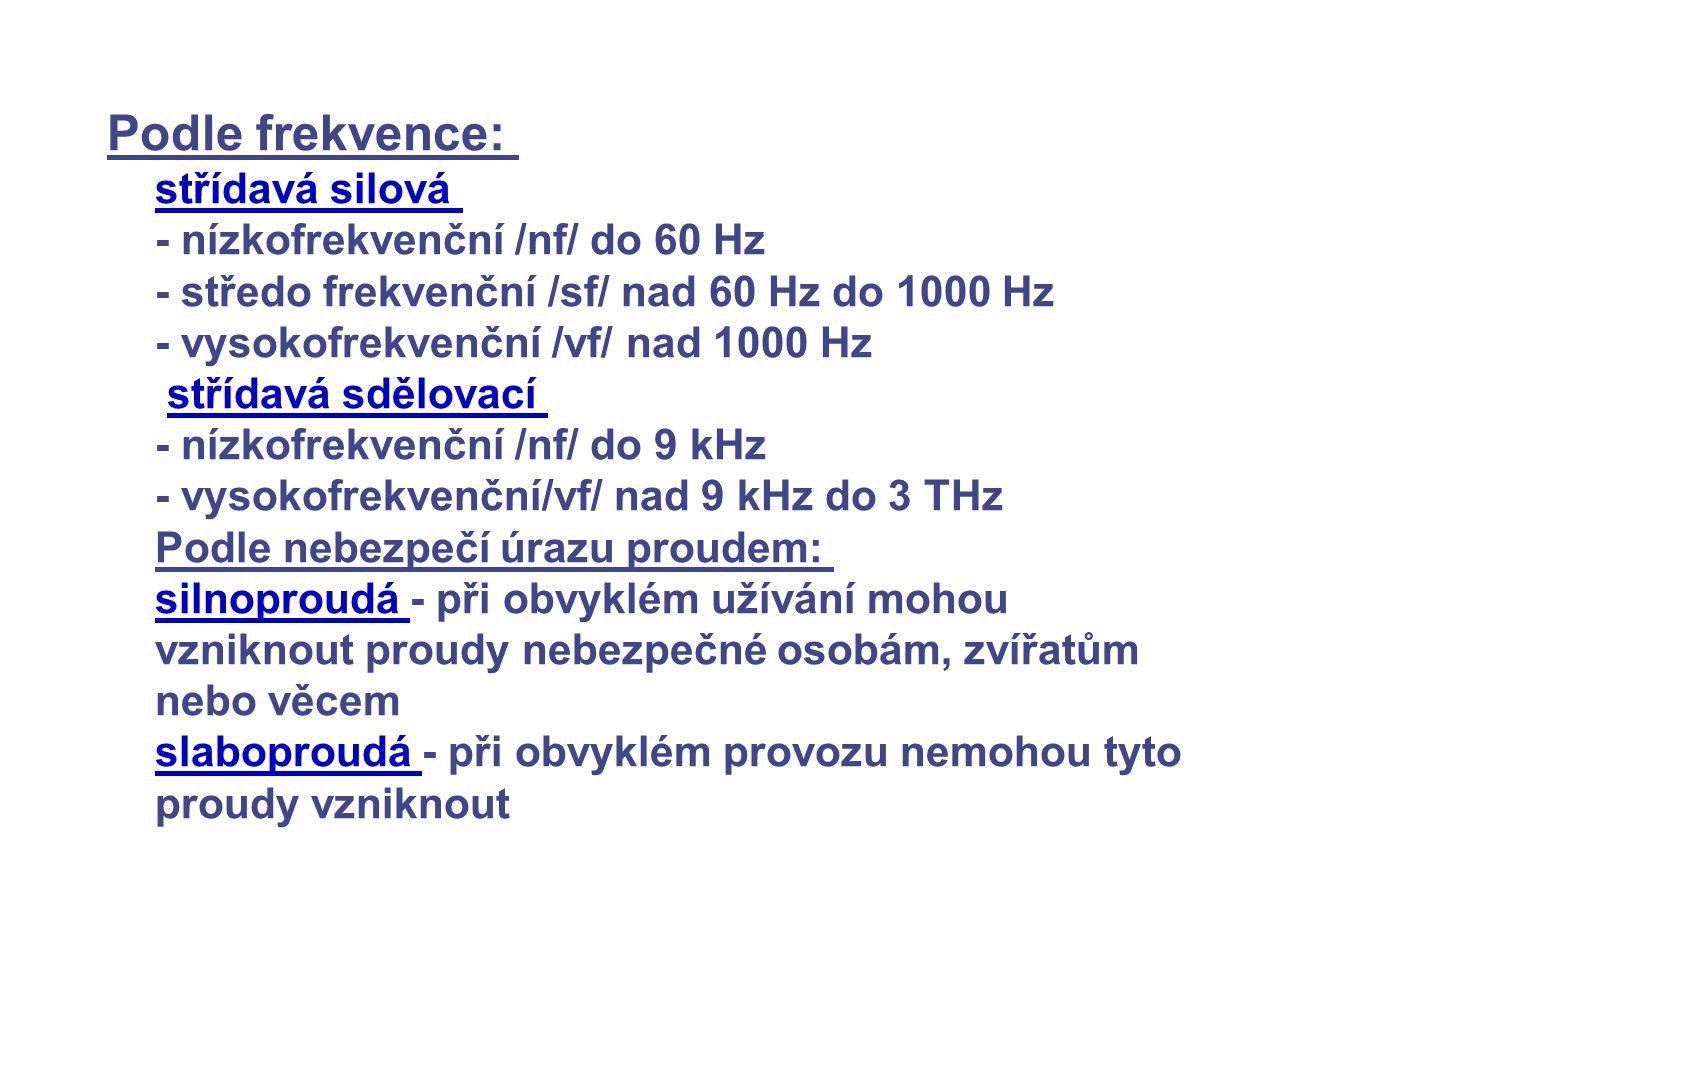 Podle frekvence: střídavá silová - nízkofrekvenční /nf/ do 60 Hz - středo frekvenční /sf/ nad 60 Hz do 1000 Hz - vysokofrekvenční /vf/ nad 1000 Hz stř